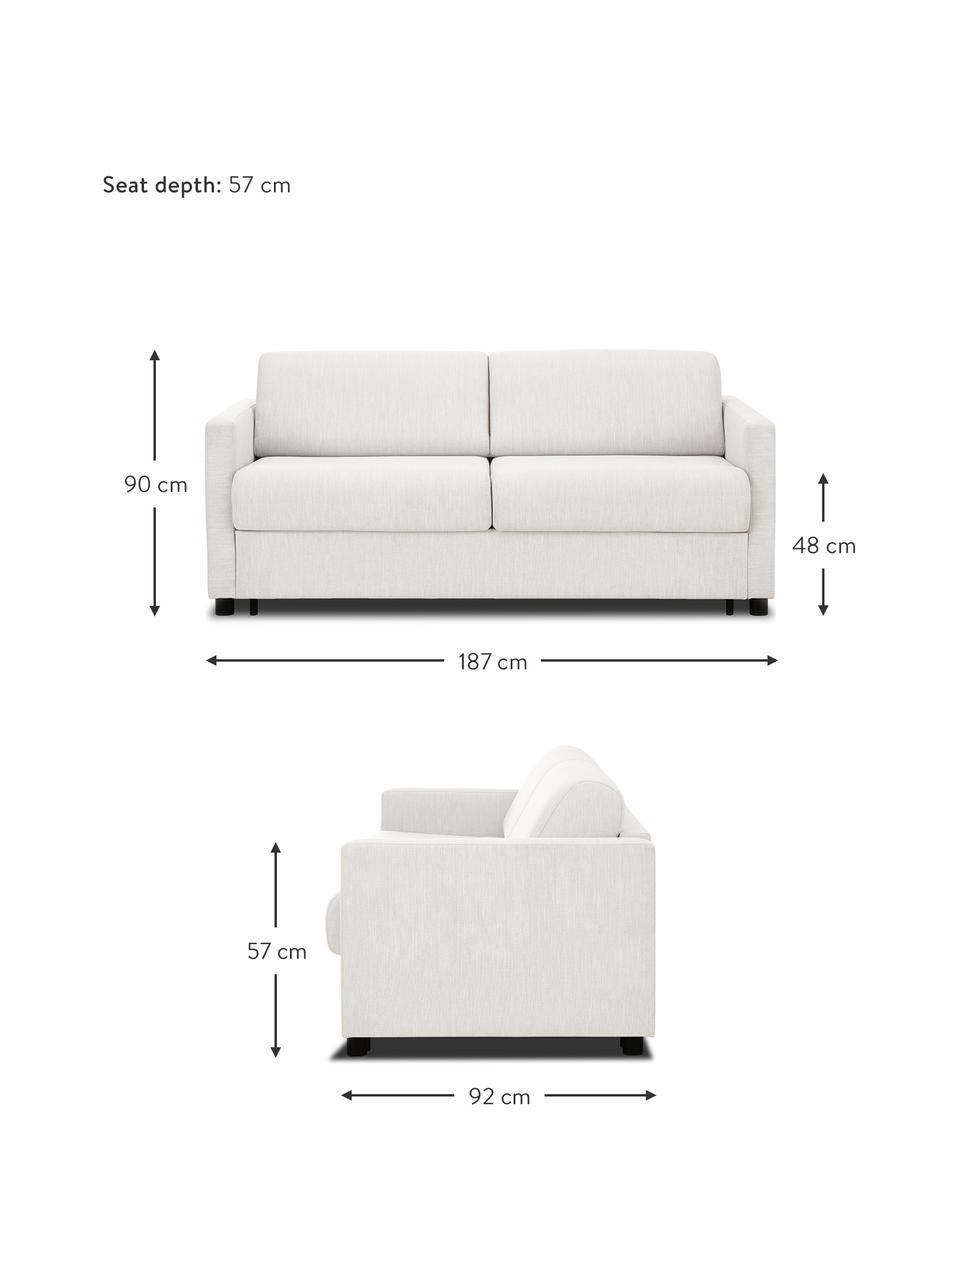 Schlafsofa Morgan (2-Sitzer) in Beige mit Matratze, Bezug: 100% Polyester Der hochwe, Füße: Massives Kiefernholz, lac, Webstoff Beige, B 187 x T 92 cm